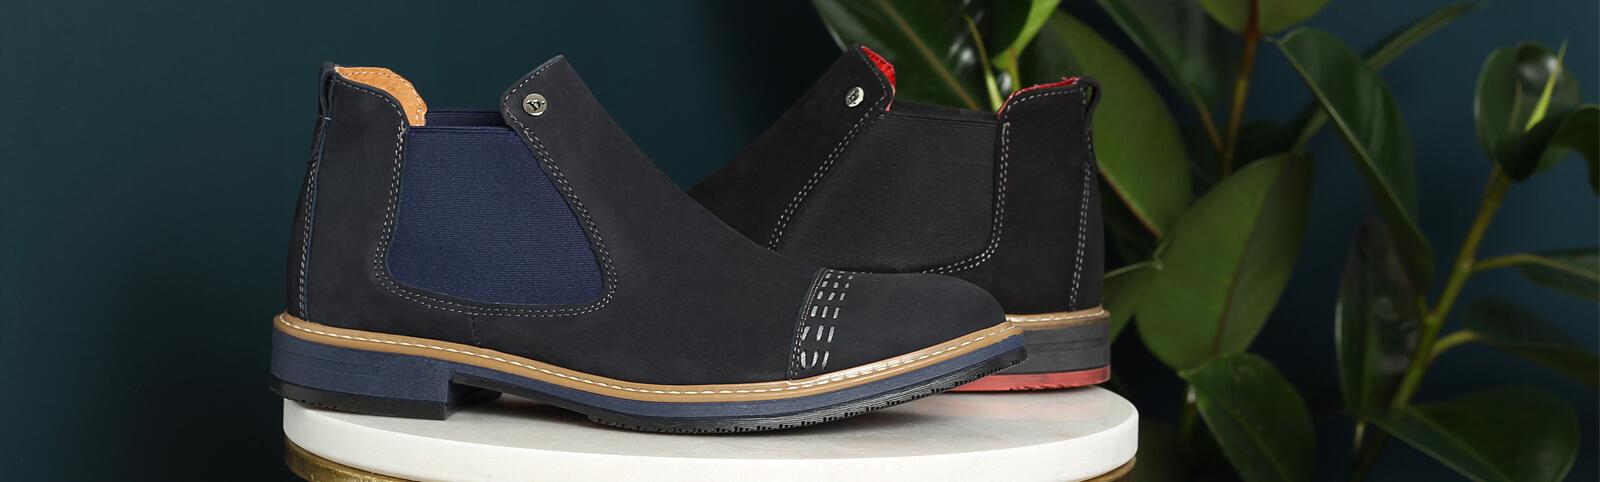 a360e6cd Jakie męskie trzewiki wybrać? 3 kategorie męskiego obuwia na jesień i zimę.